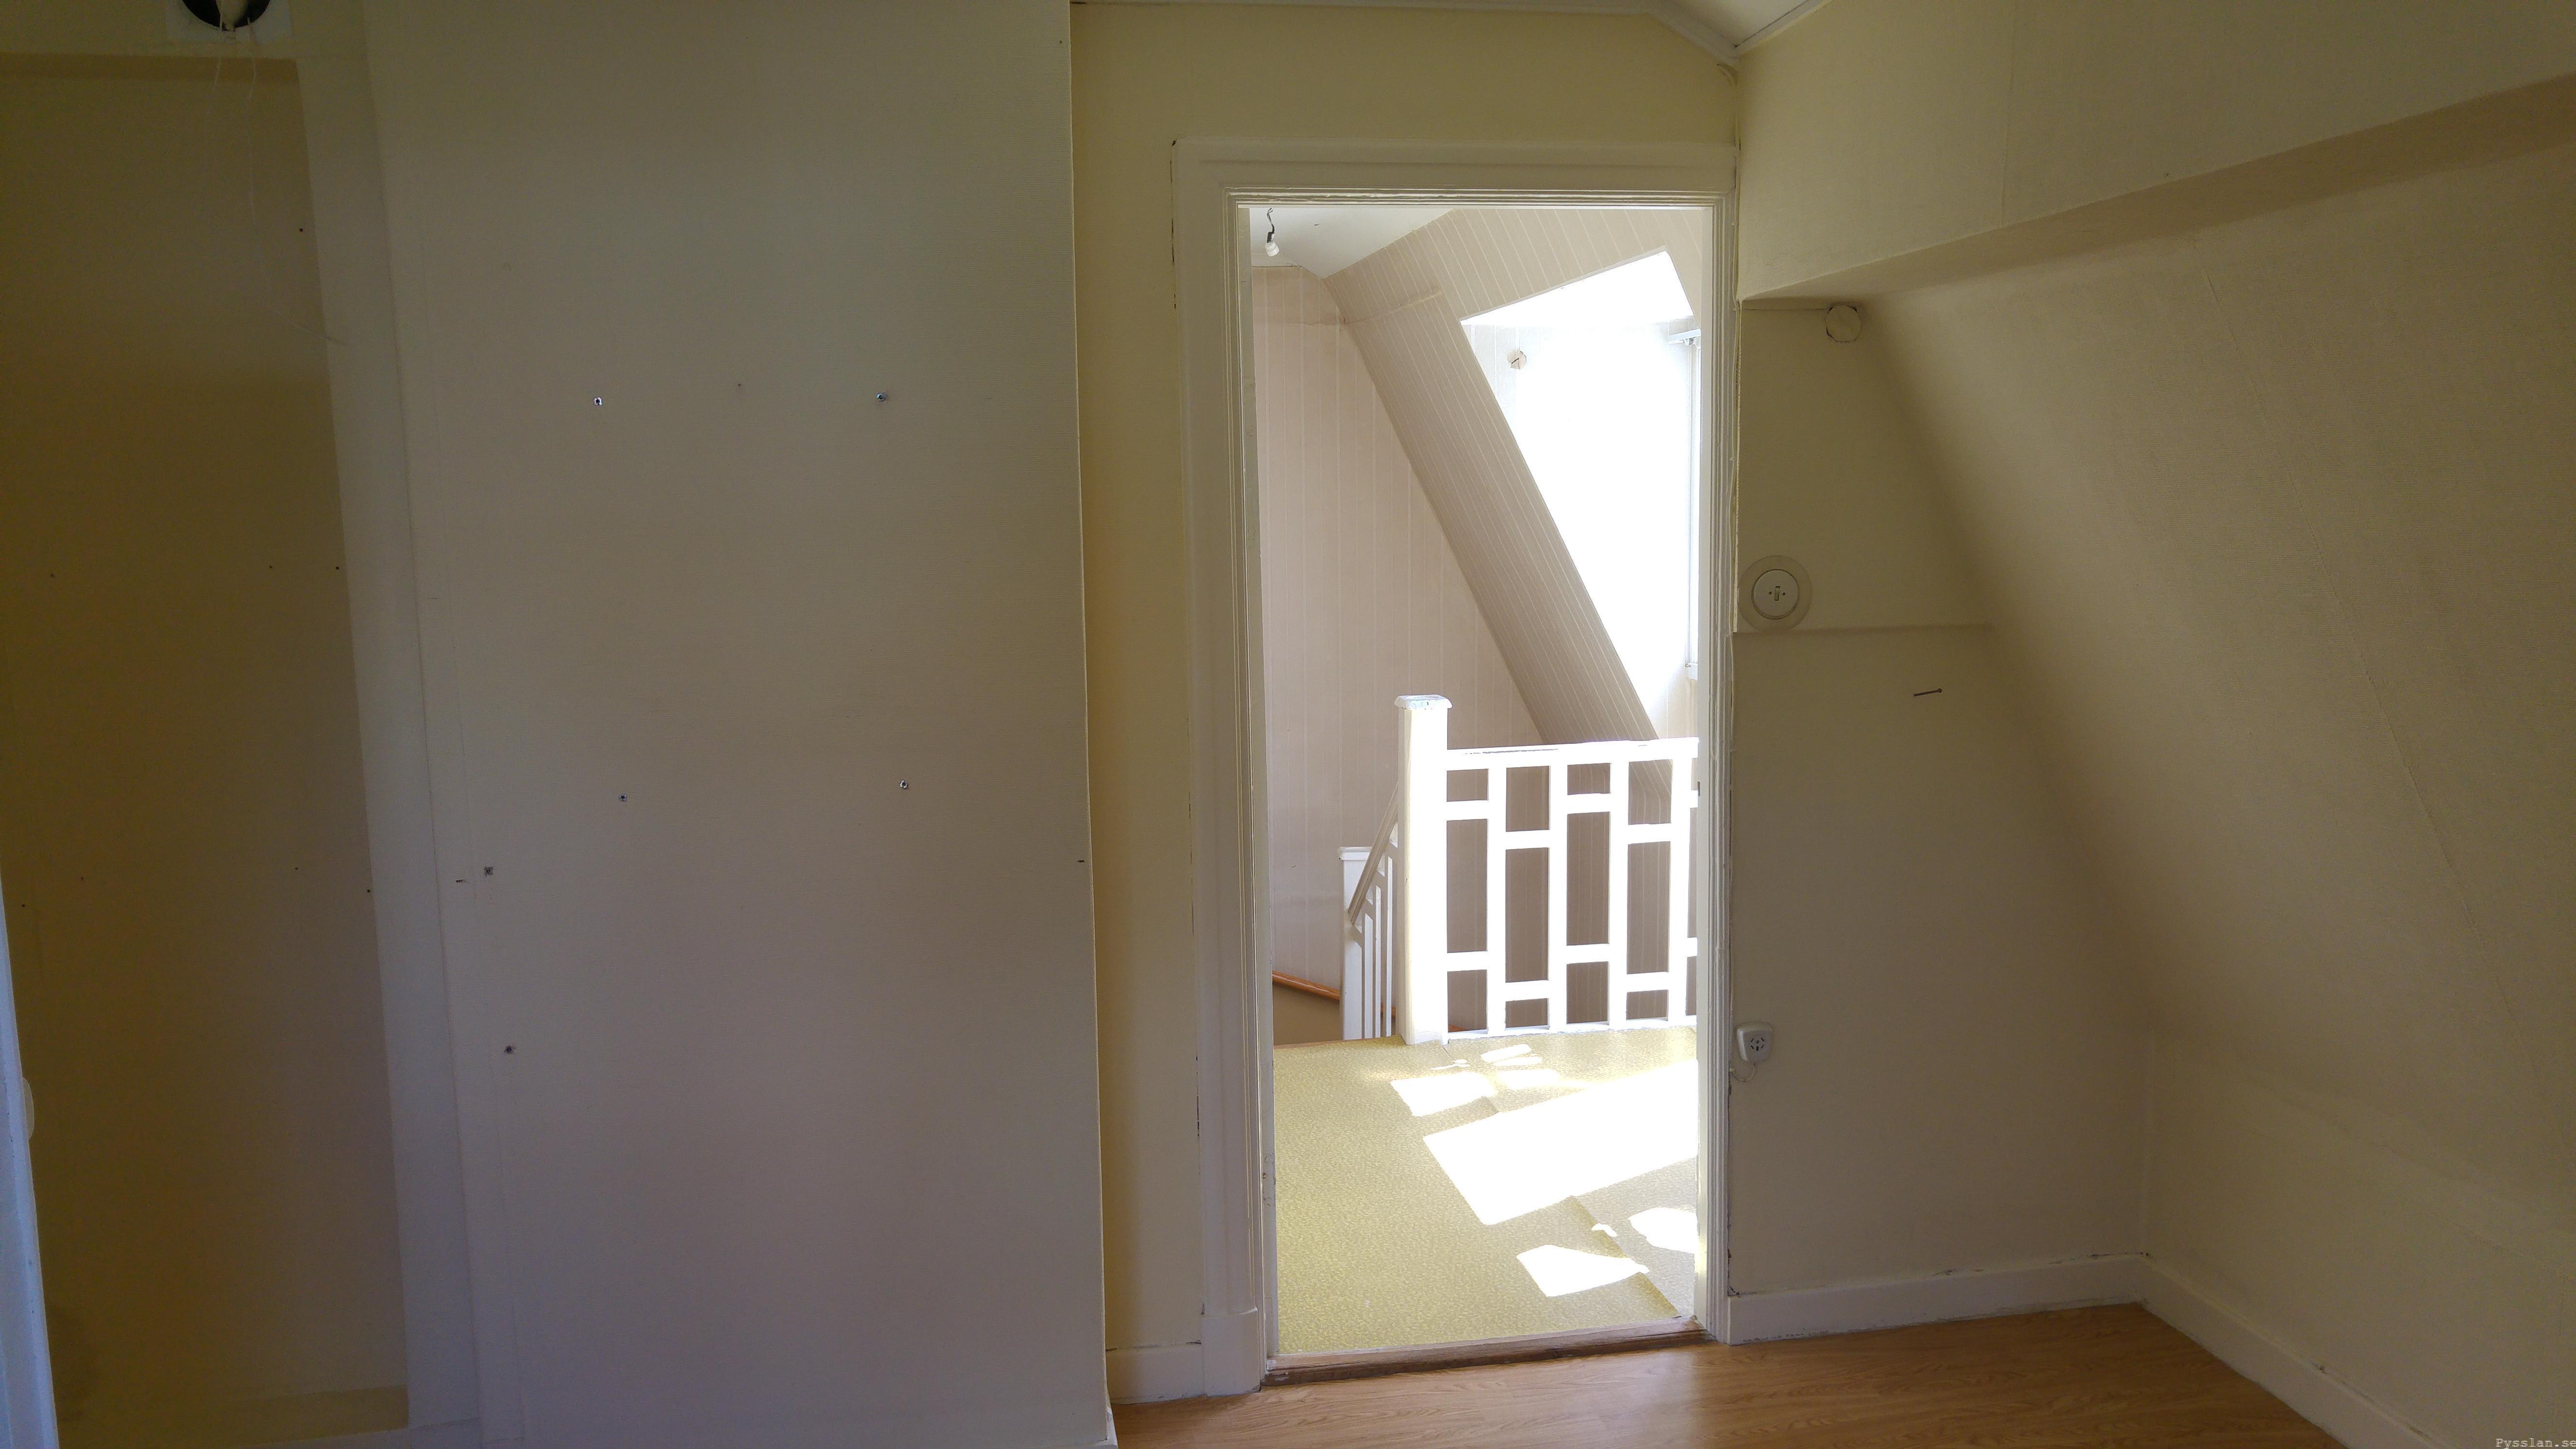 drömhus 20-talshus rött hus vita knutar renovering jugend husdröm pysslan blogg stora sovrummet